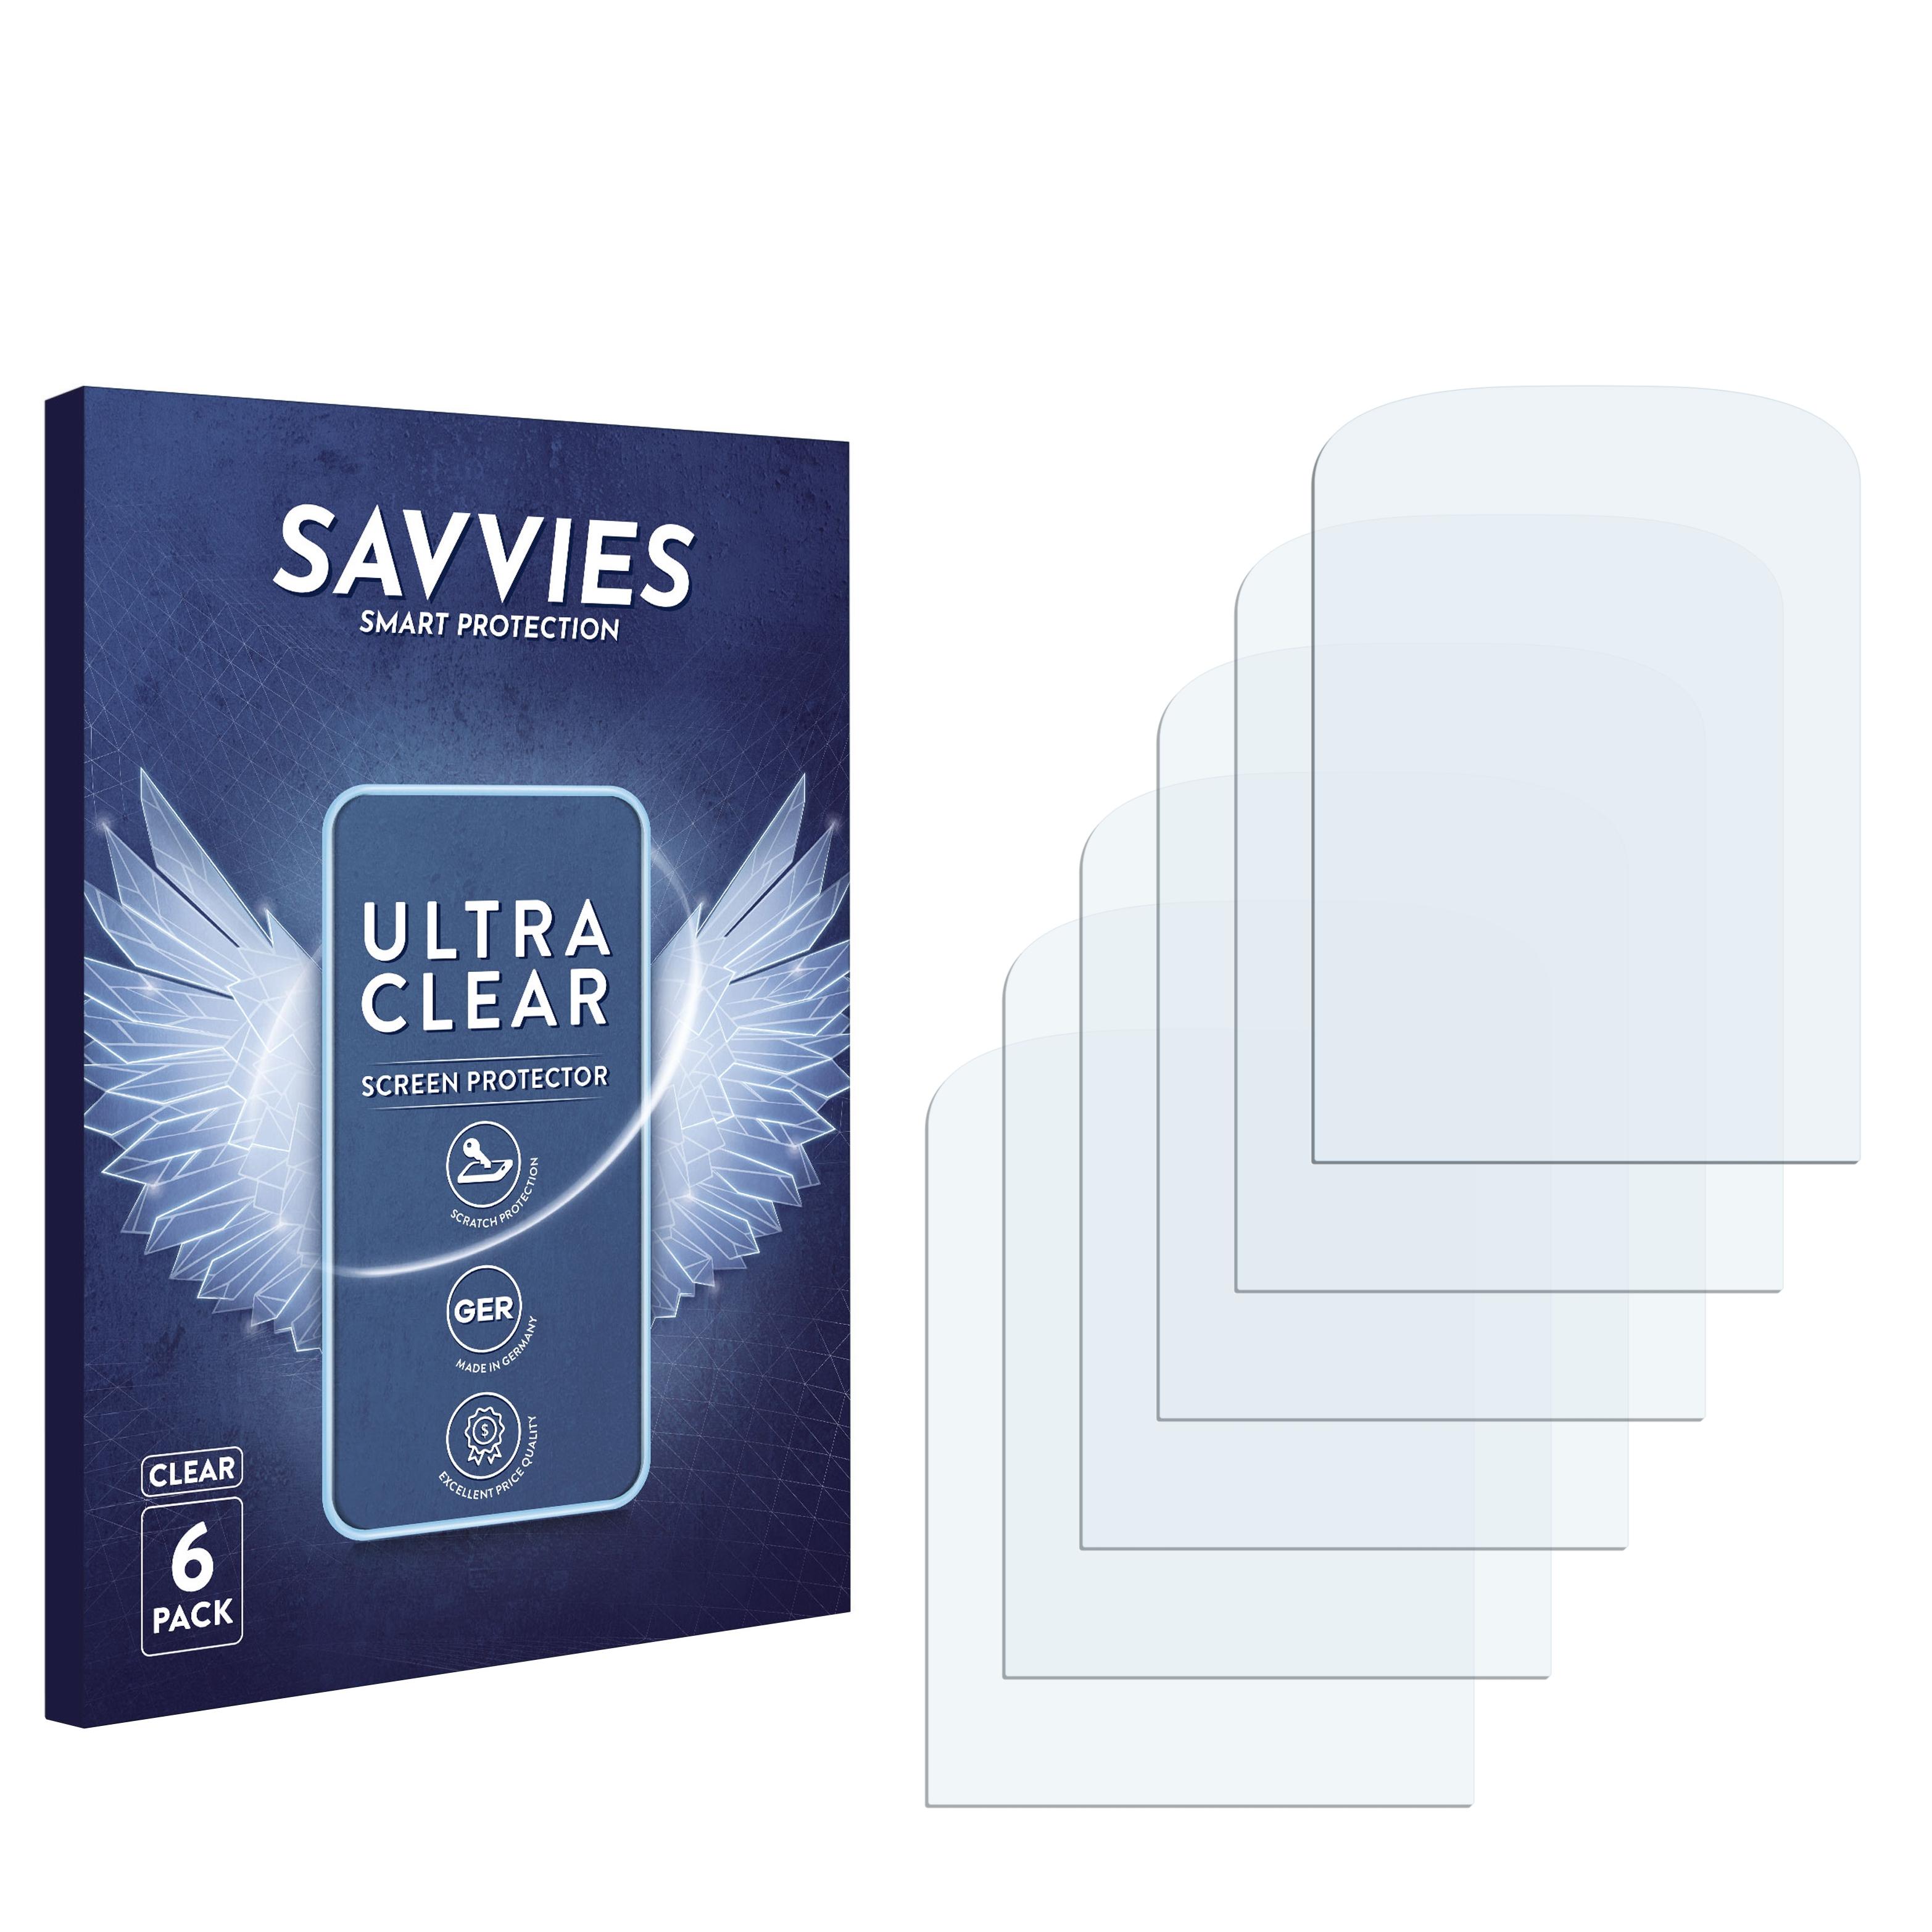 Ochranná fólie Savvies na Alcatel Venture, 6ks